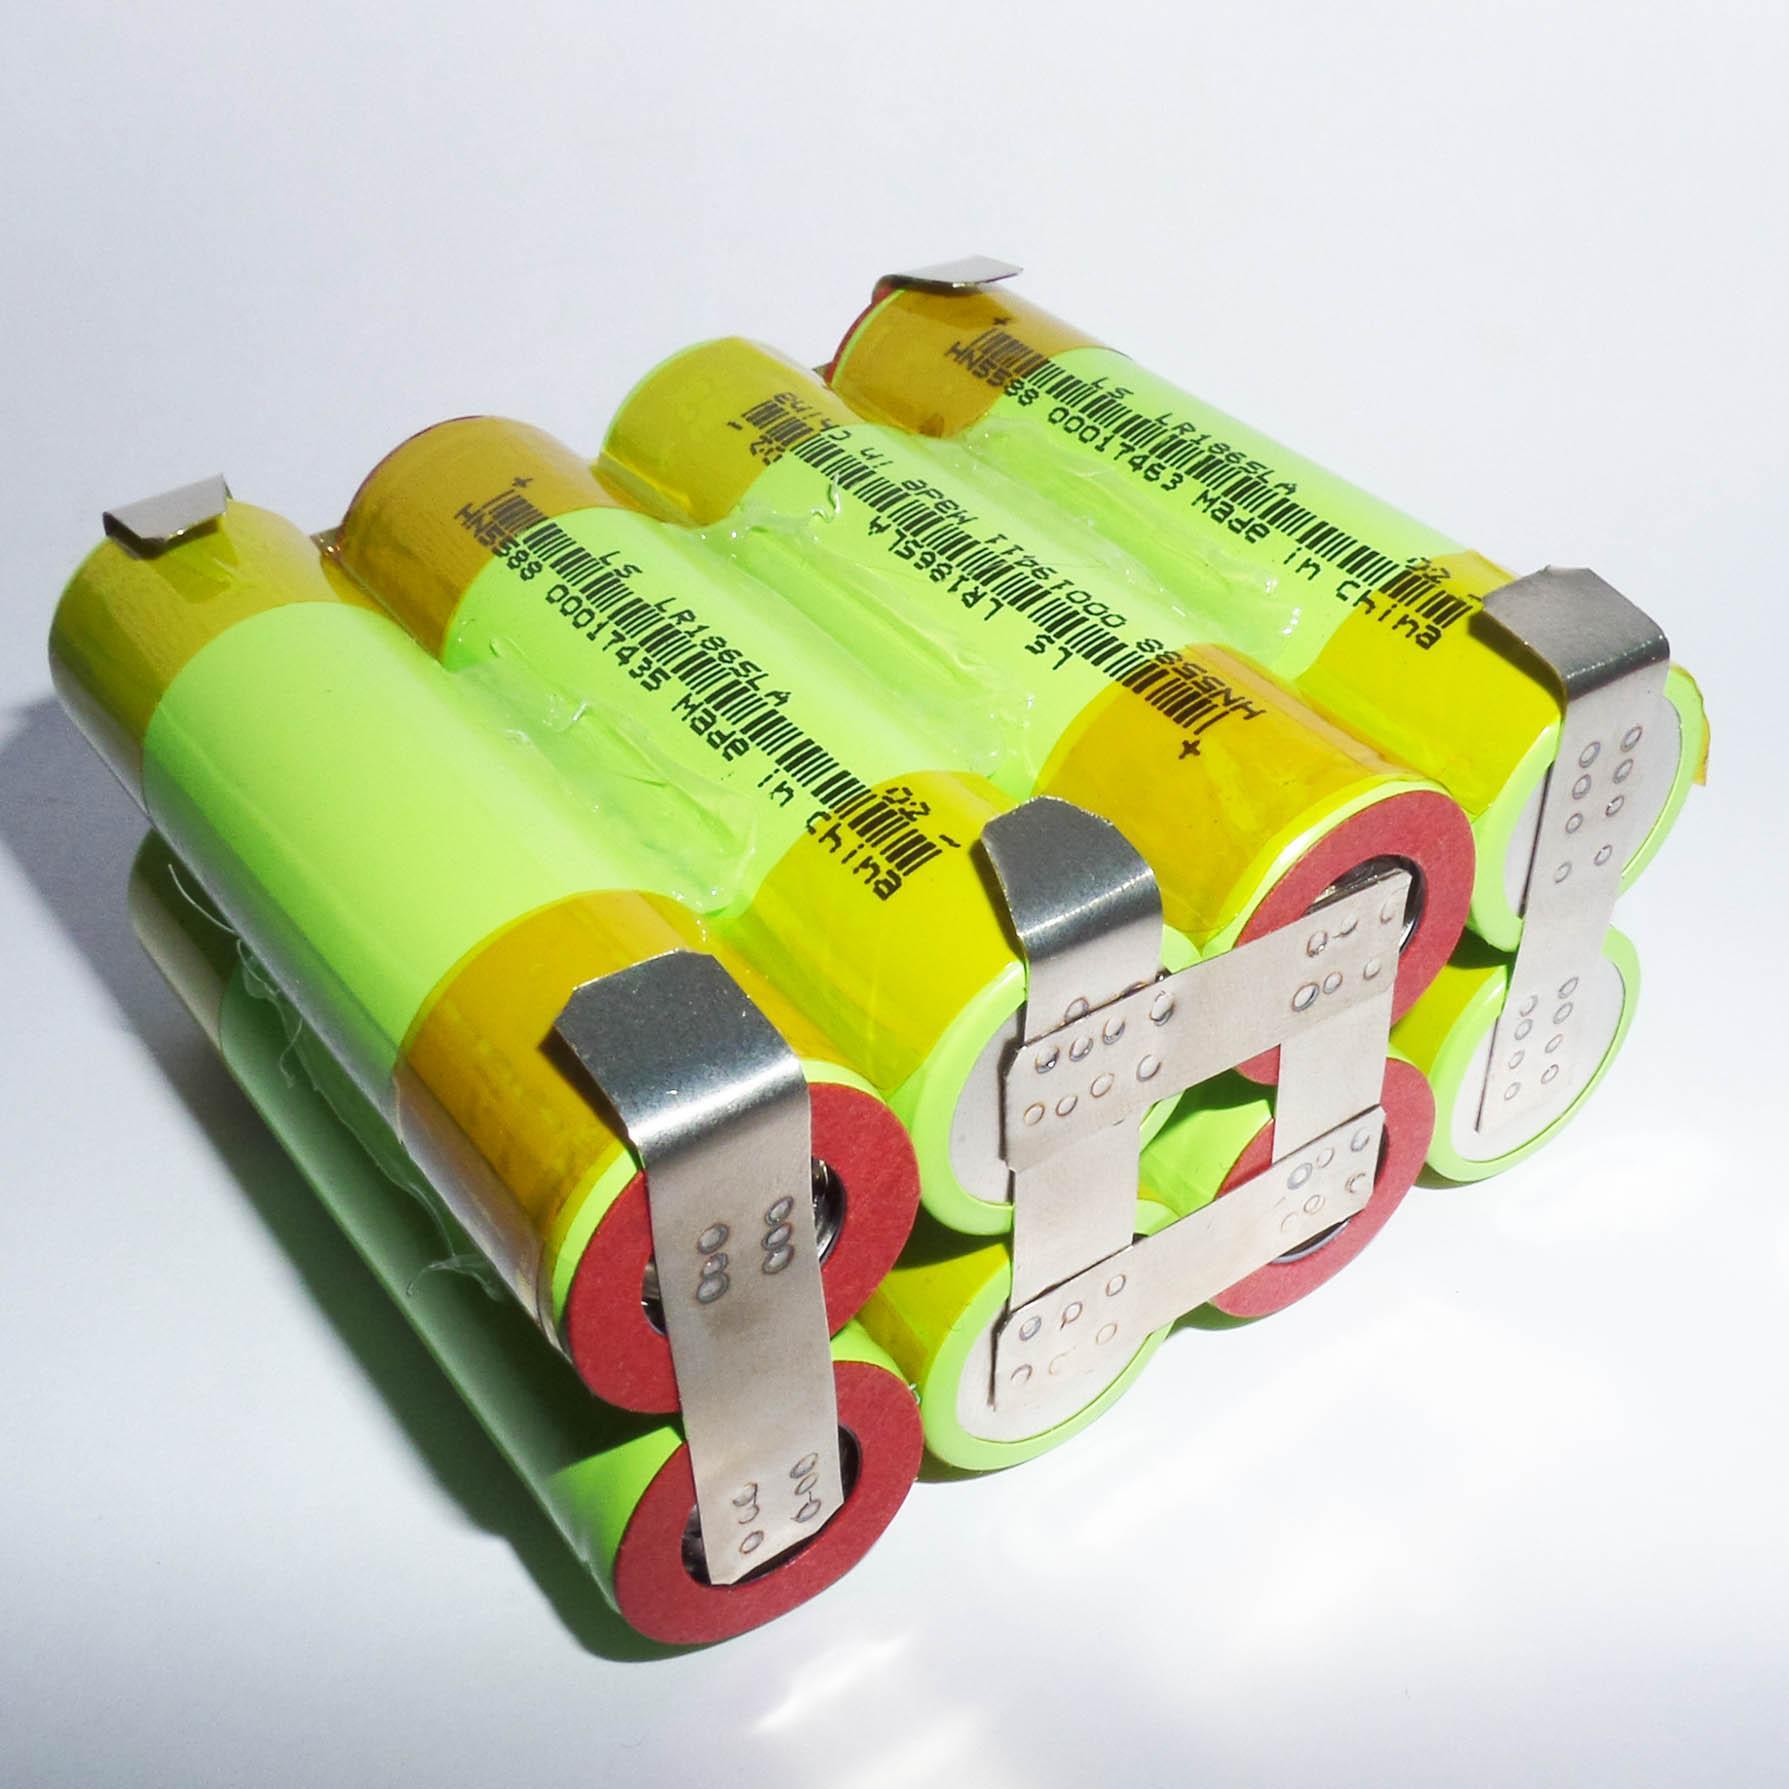 Pack pin 14.4V Cell LiShen 4S2P - dung lượng 4AH - Dòng xả 40A - Sử dụng thay thế cho lõi pin MAKITA 14.4V, 16.8V